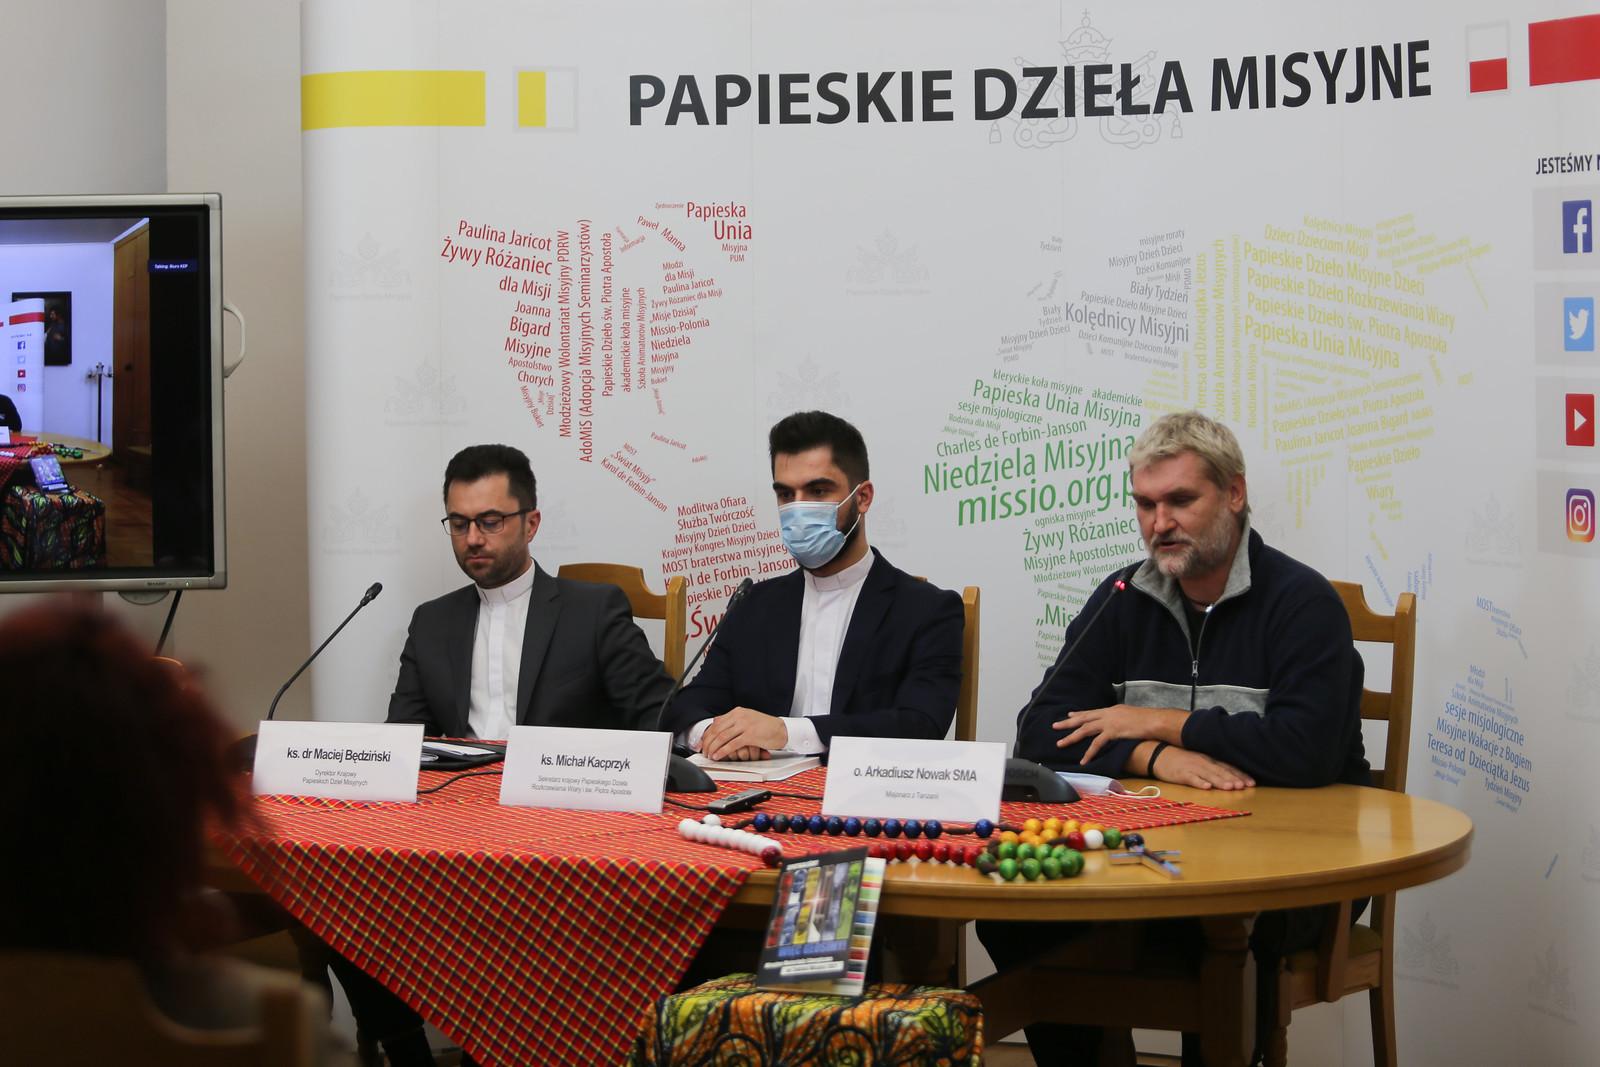 Konferencja Prasowa przed Światowym Dniem Misyjnym - 20 października 2021 r.